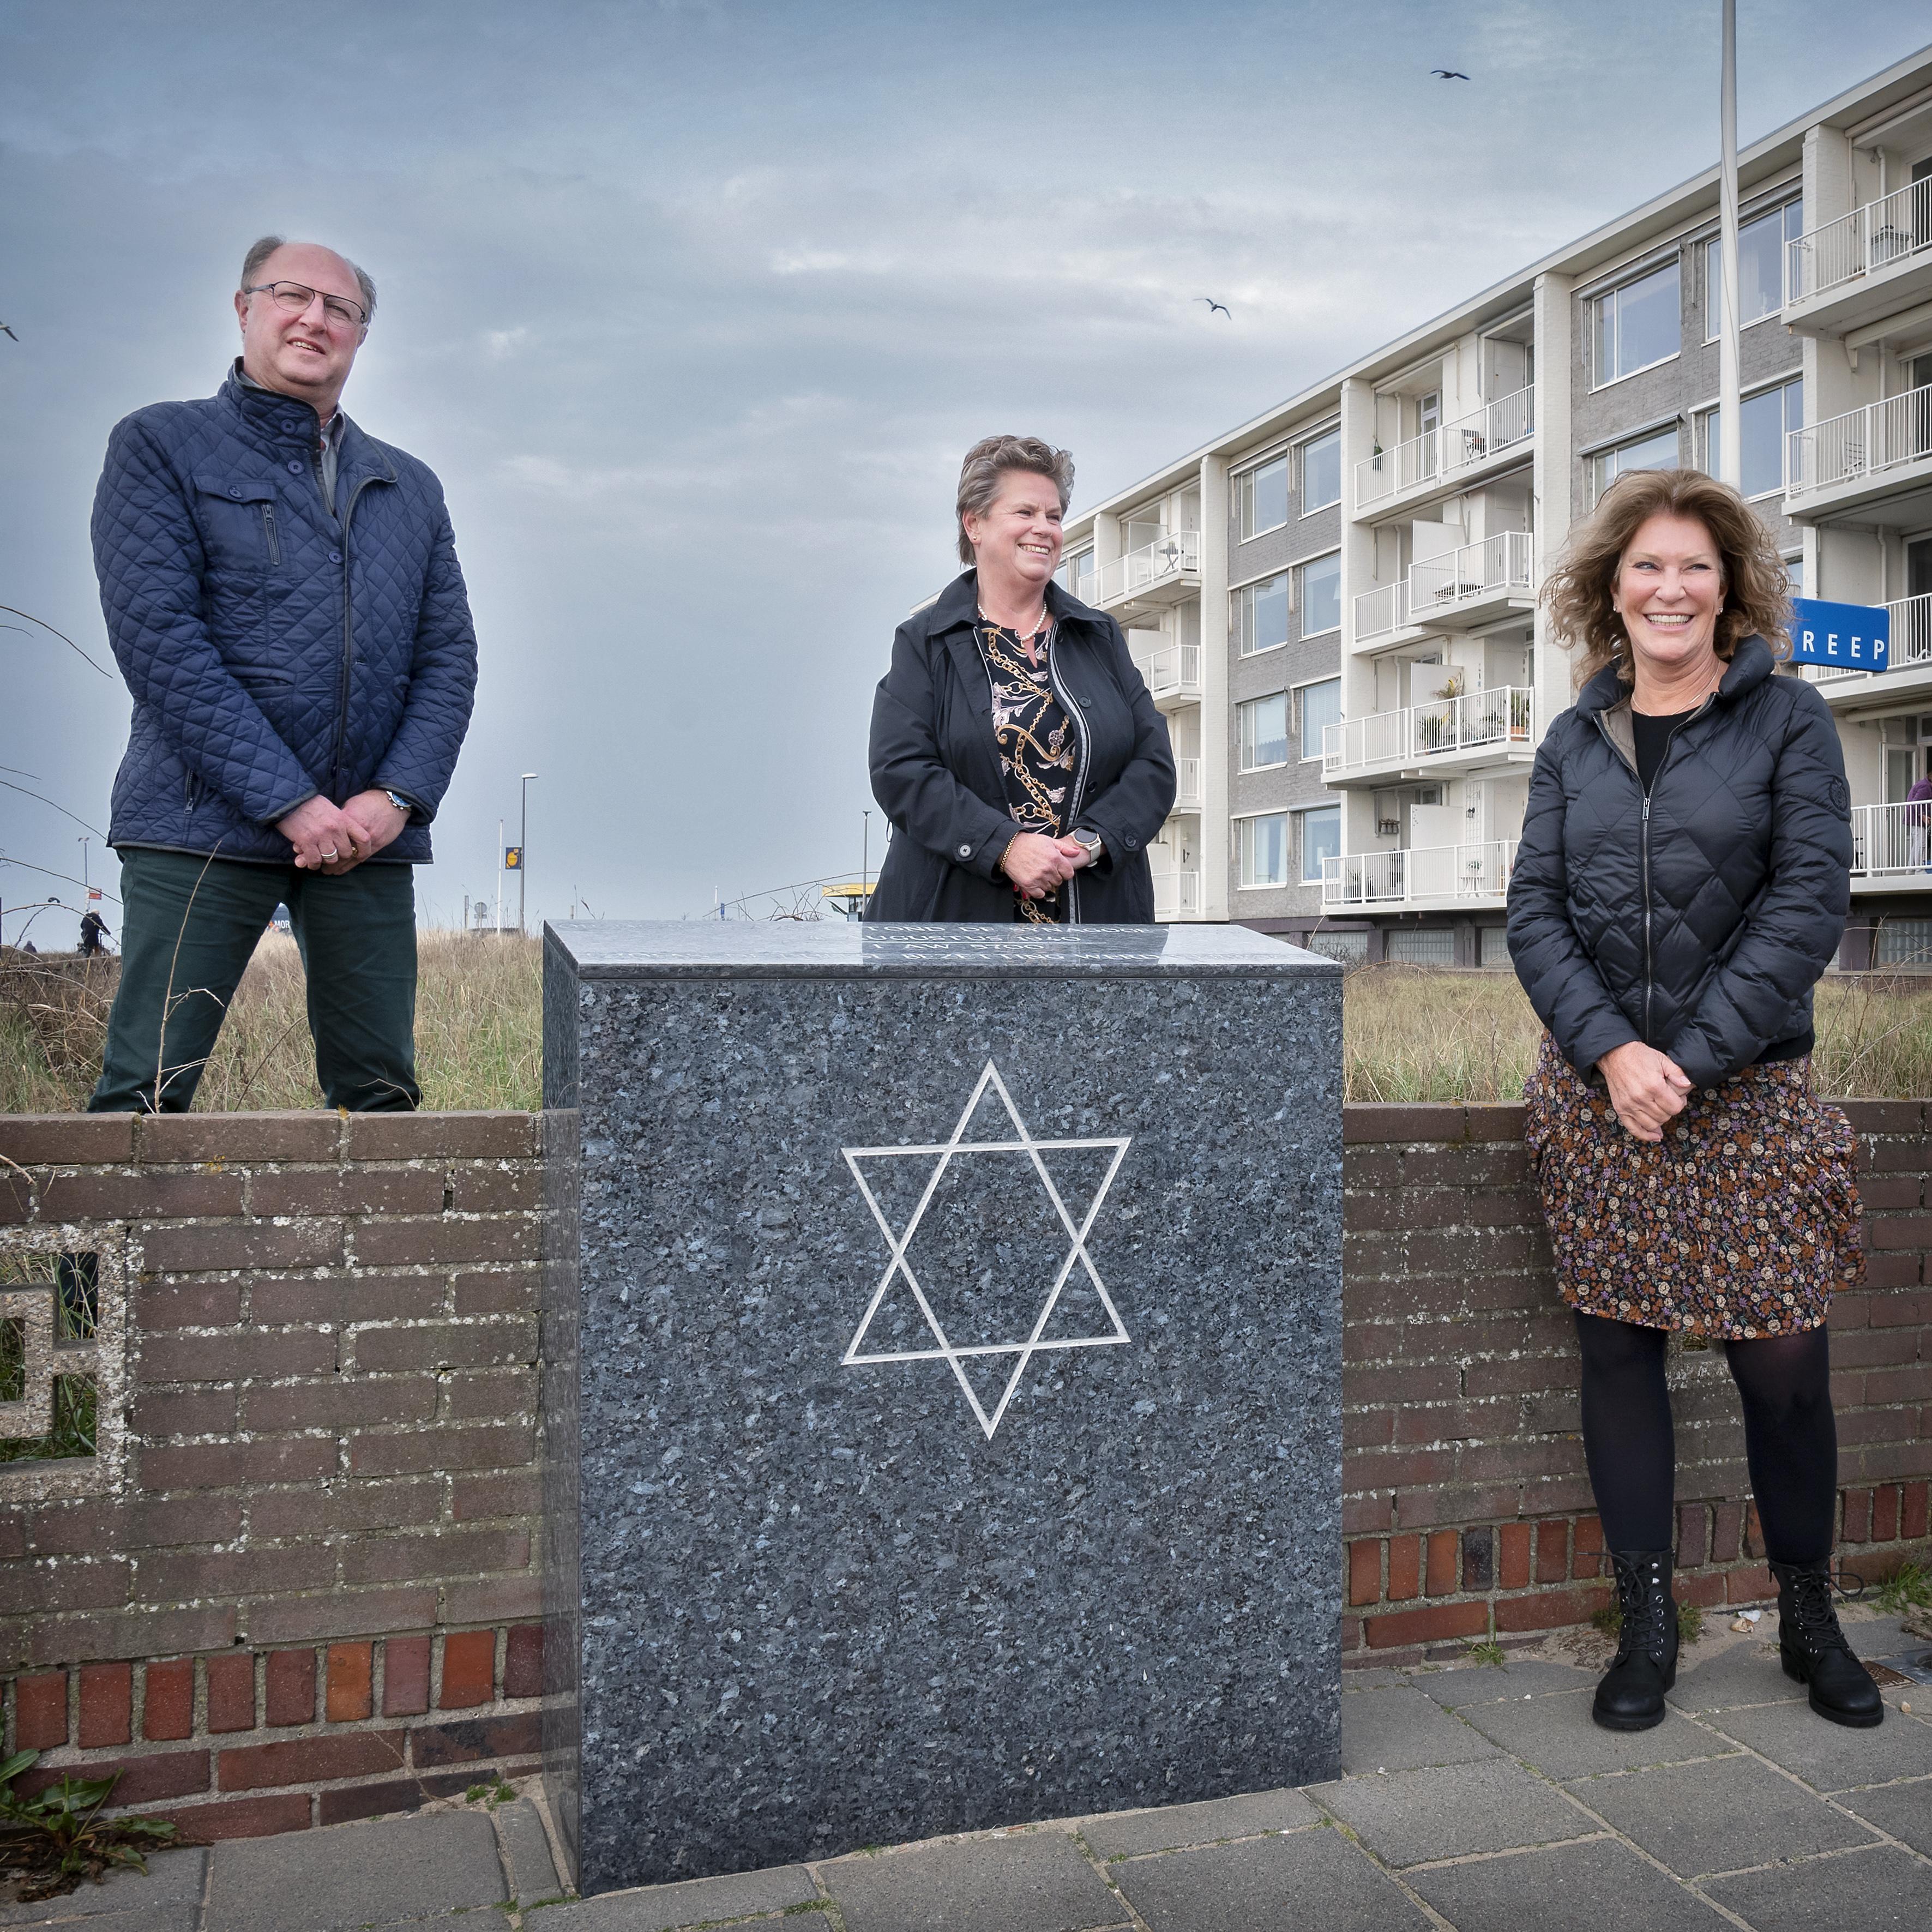 'Ziggokastje' maakt plaats voor volwassen joods herdenkingsmonument in Zandvoort